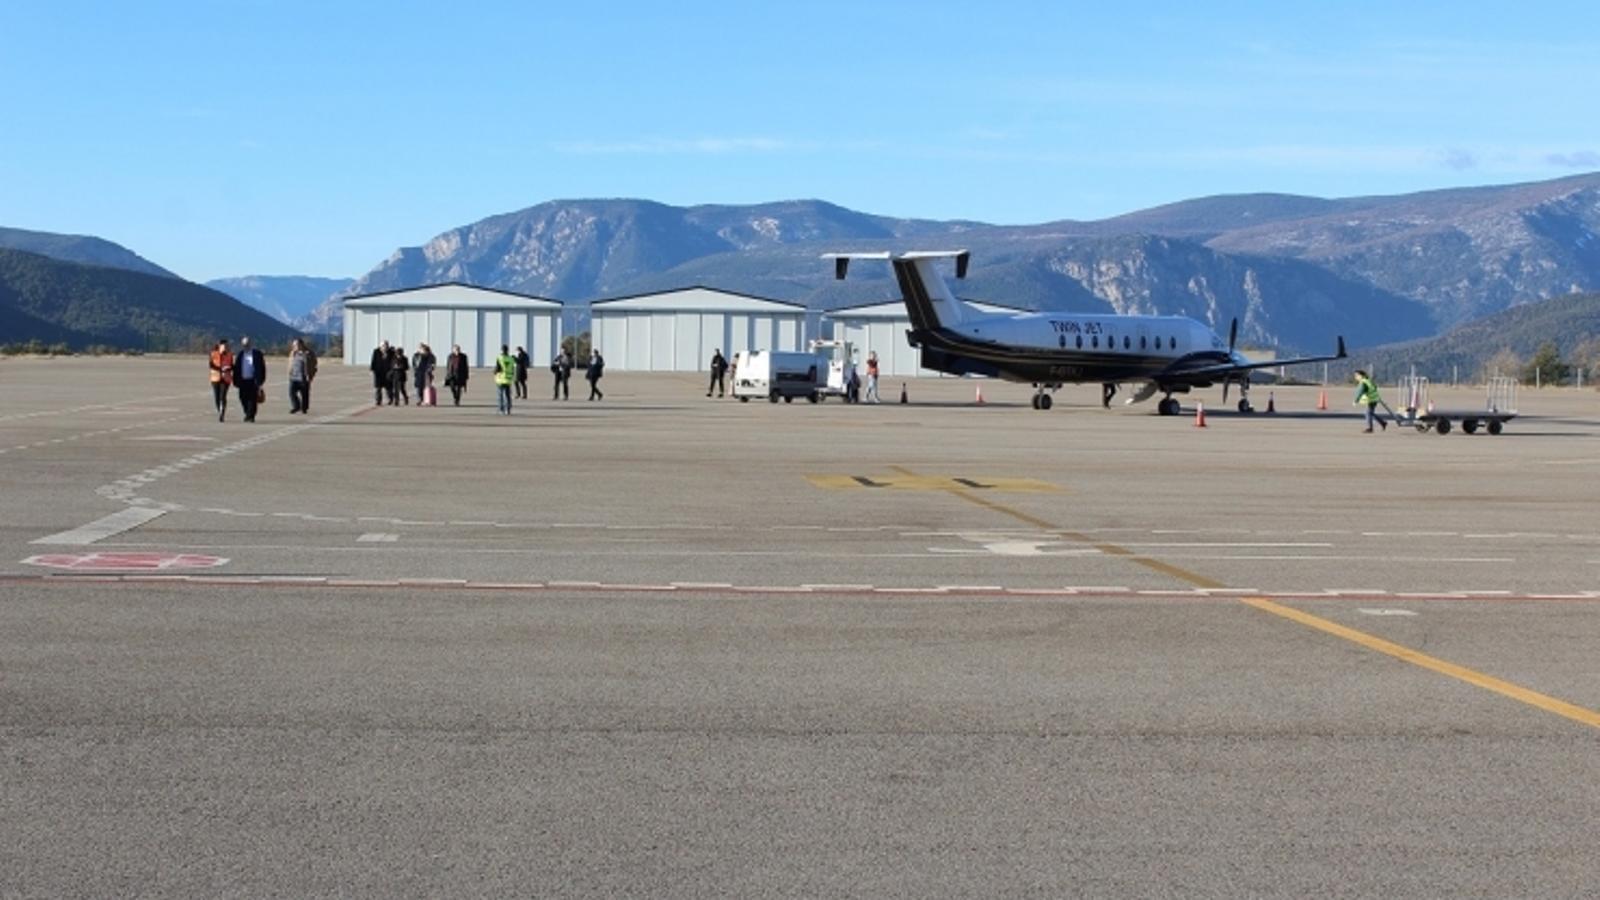 Els viatgers travessen la pista després de l'arribada d'un vol el mes passat a l'aeroport d'Andorra-la Seu d'Urgell. / AJUNTAMENT DE LA SEU D'URGELL